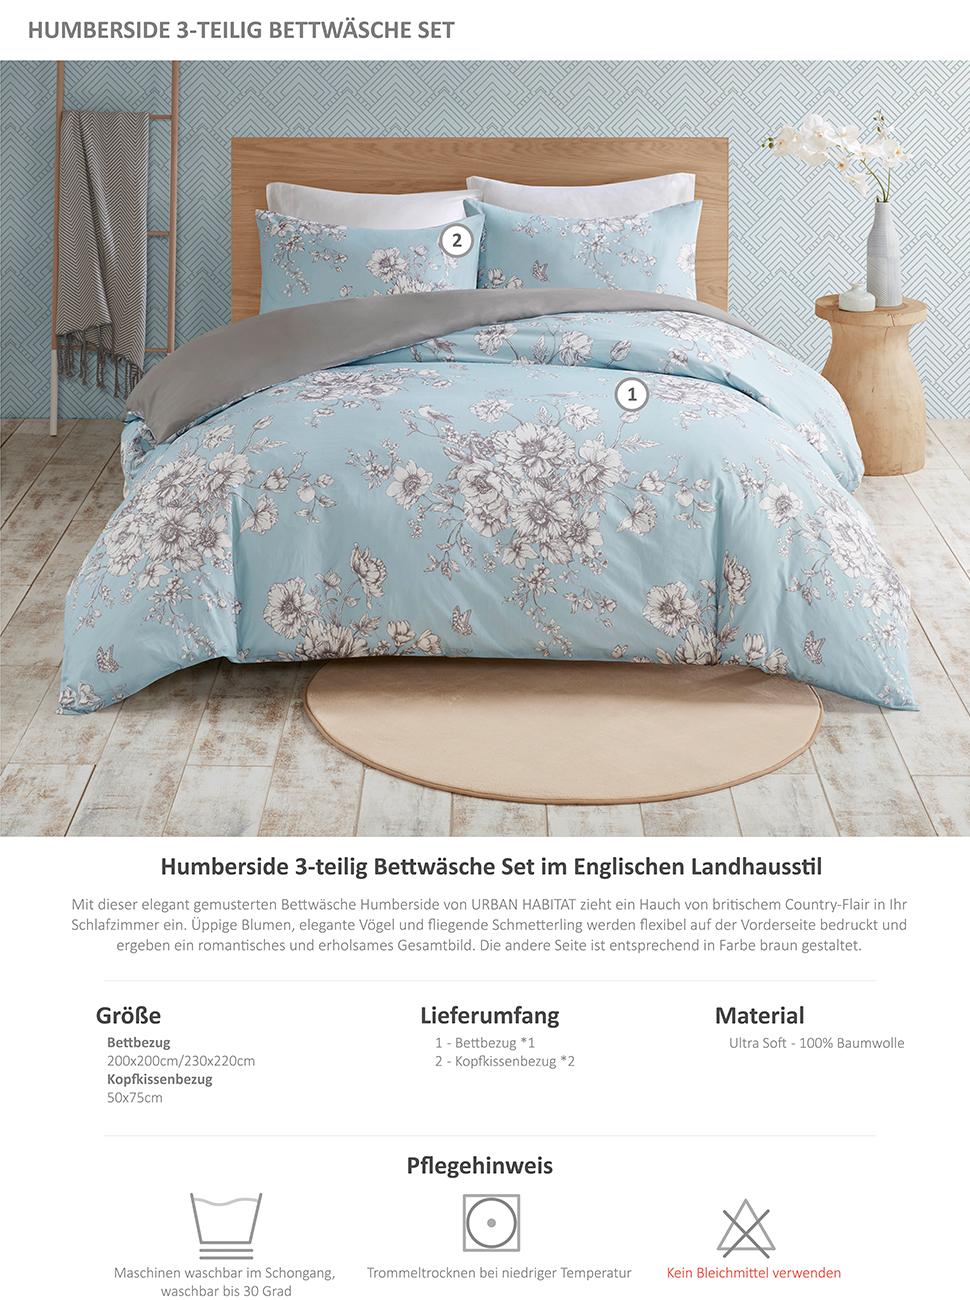 Scm Bettwäsche 230x220cm Blau Blumen 3 Teilig Bettbezug